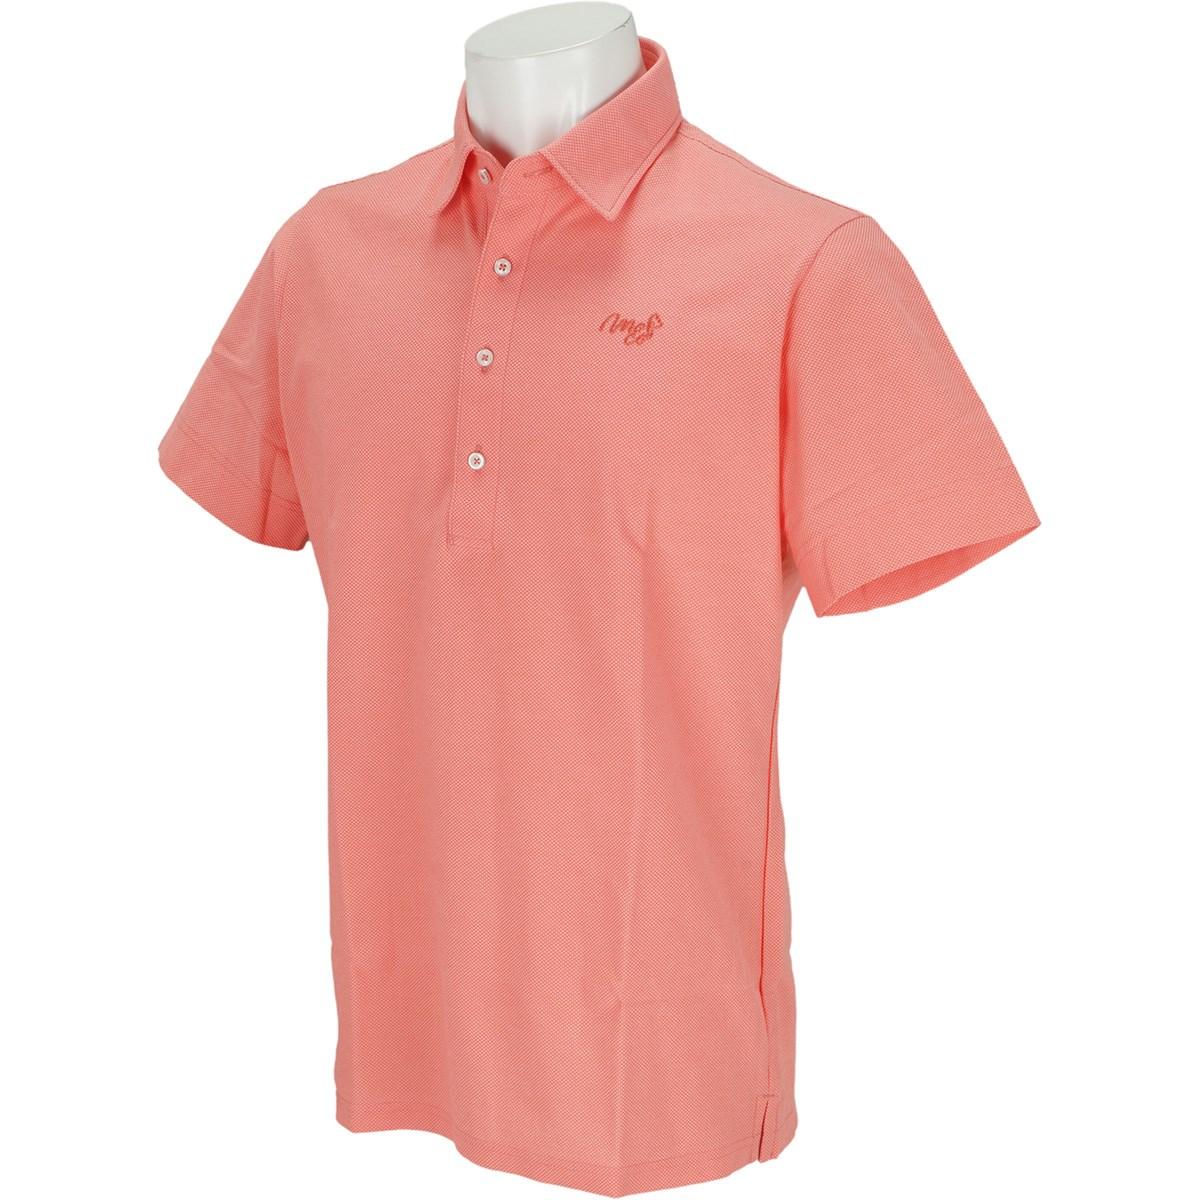 モコ アルビニドライ 鹿の子半袖ポロシャツ